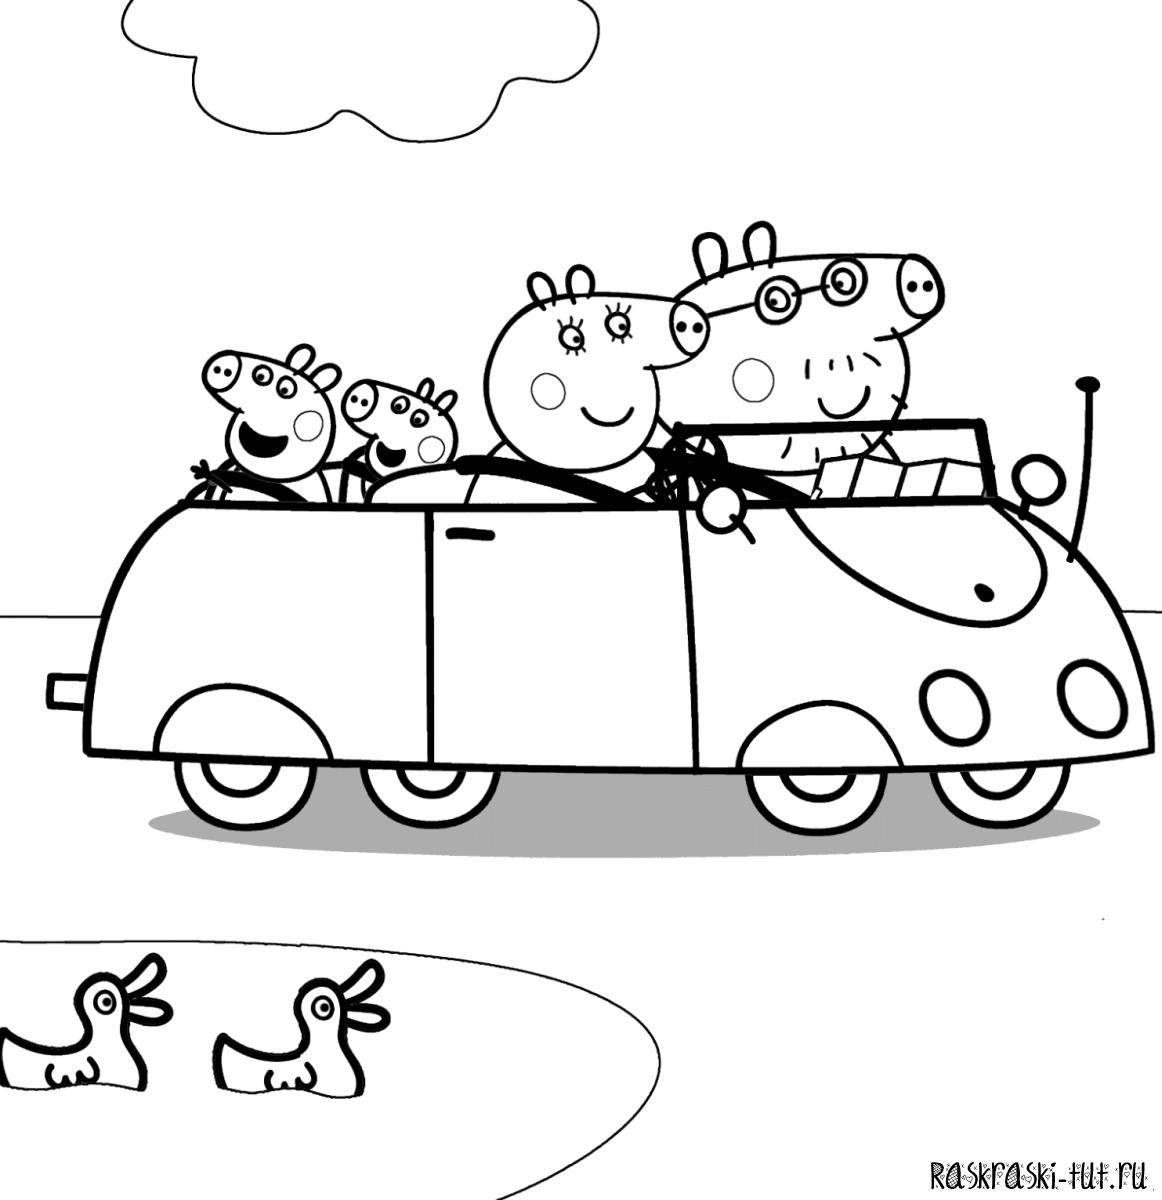 Распечатать свинку пеппу раскраска - 2